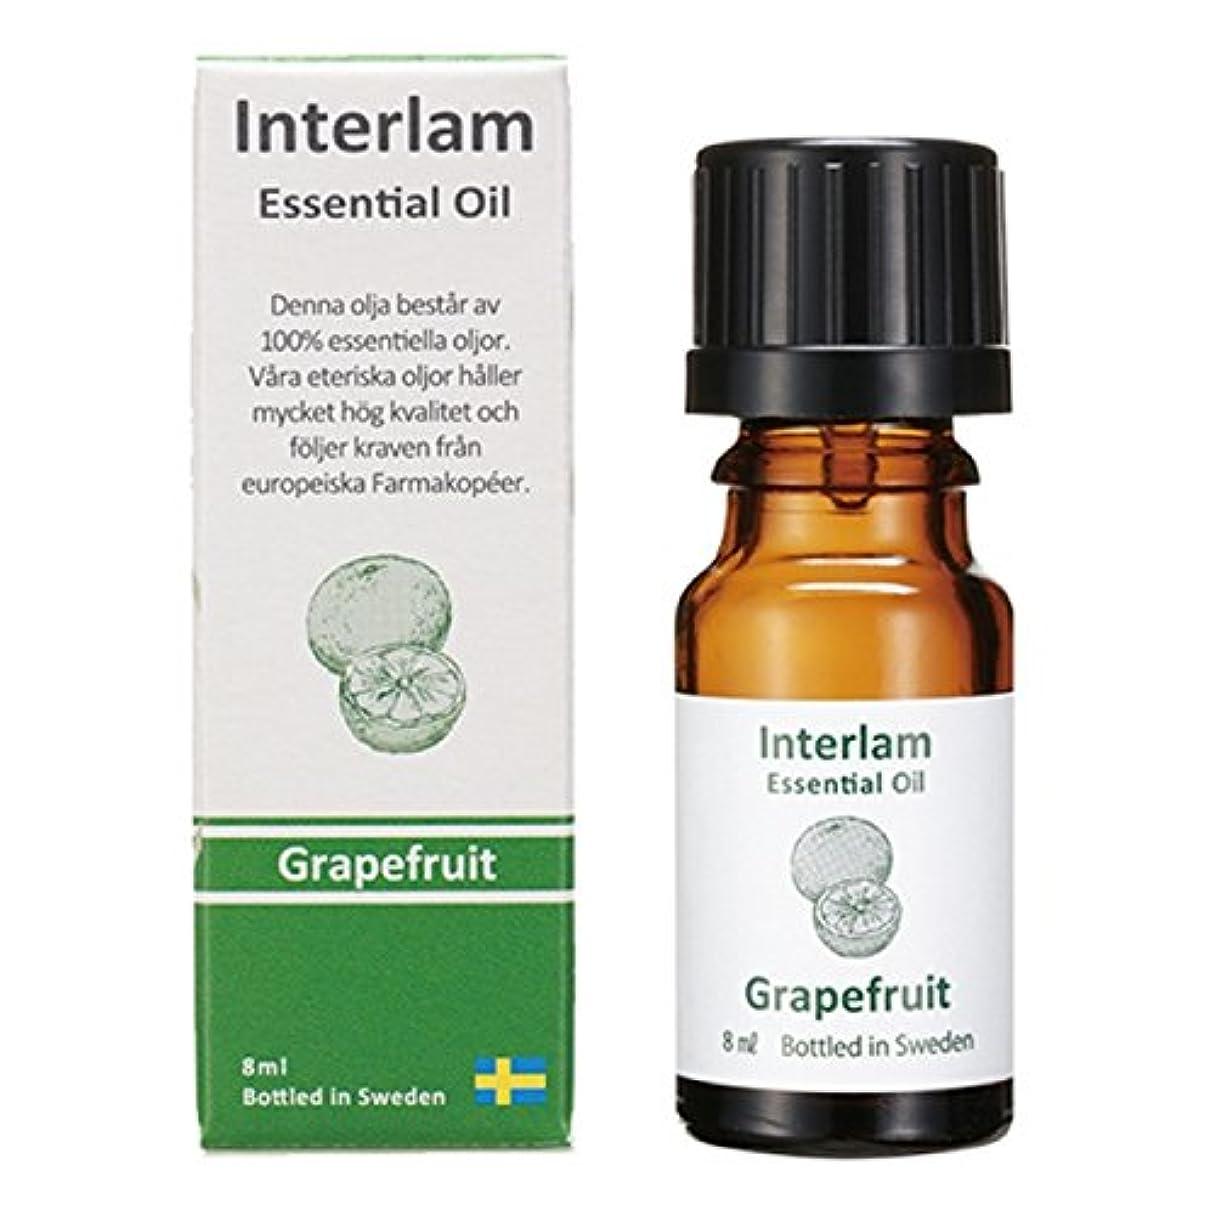 正確なアレルギー主張するInterlam エッセンシャルオイル グレープフルーツ 8ml